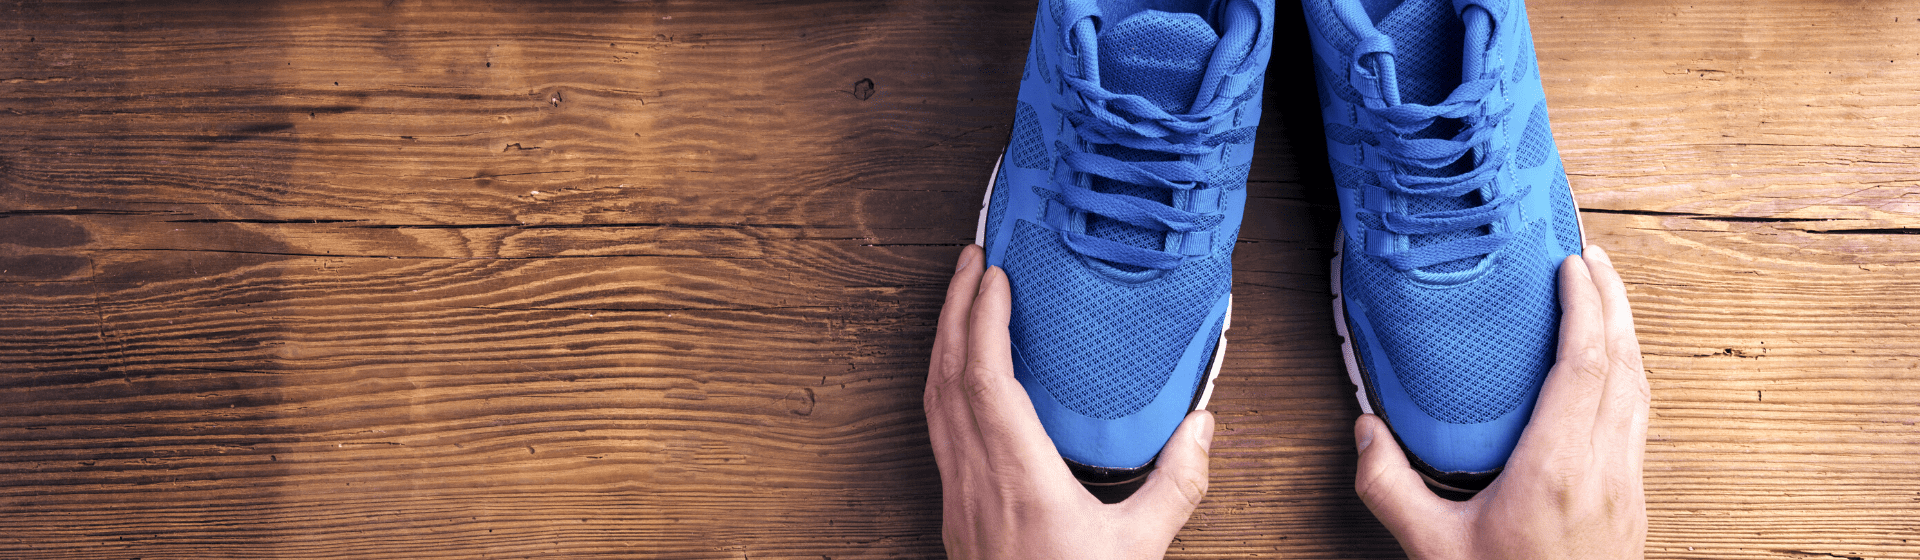 Melhores tênis para pisada pronada de 2021: 8 modelos para comprar